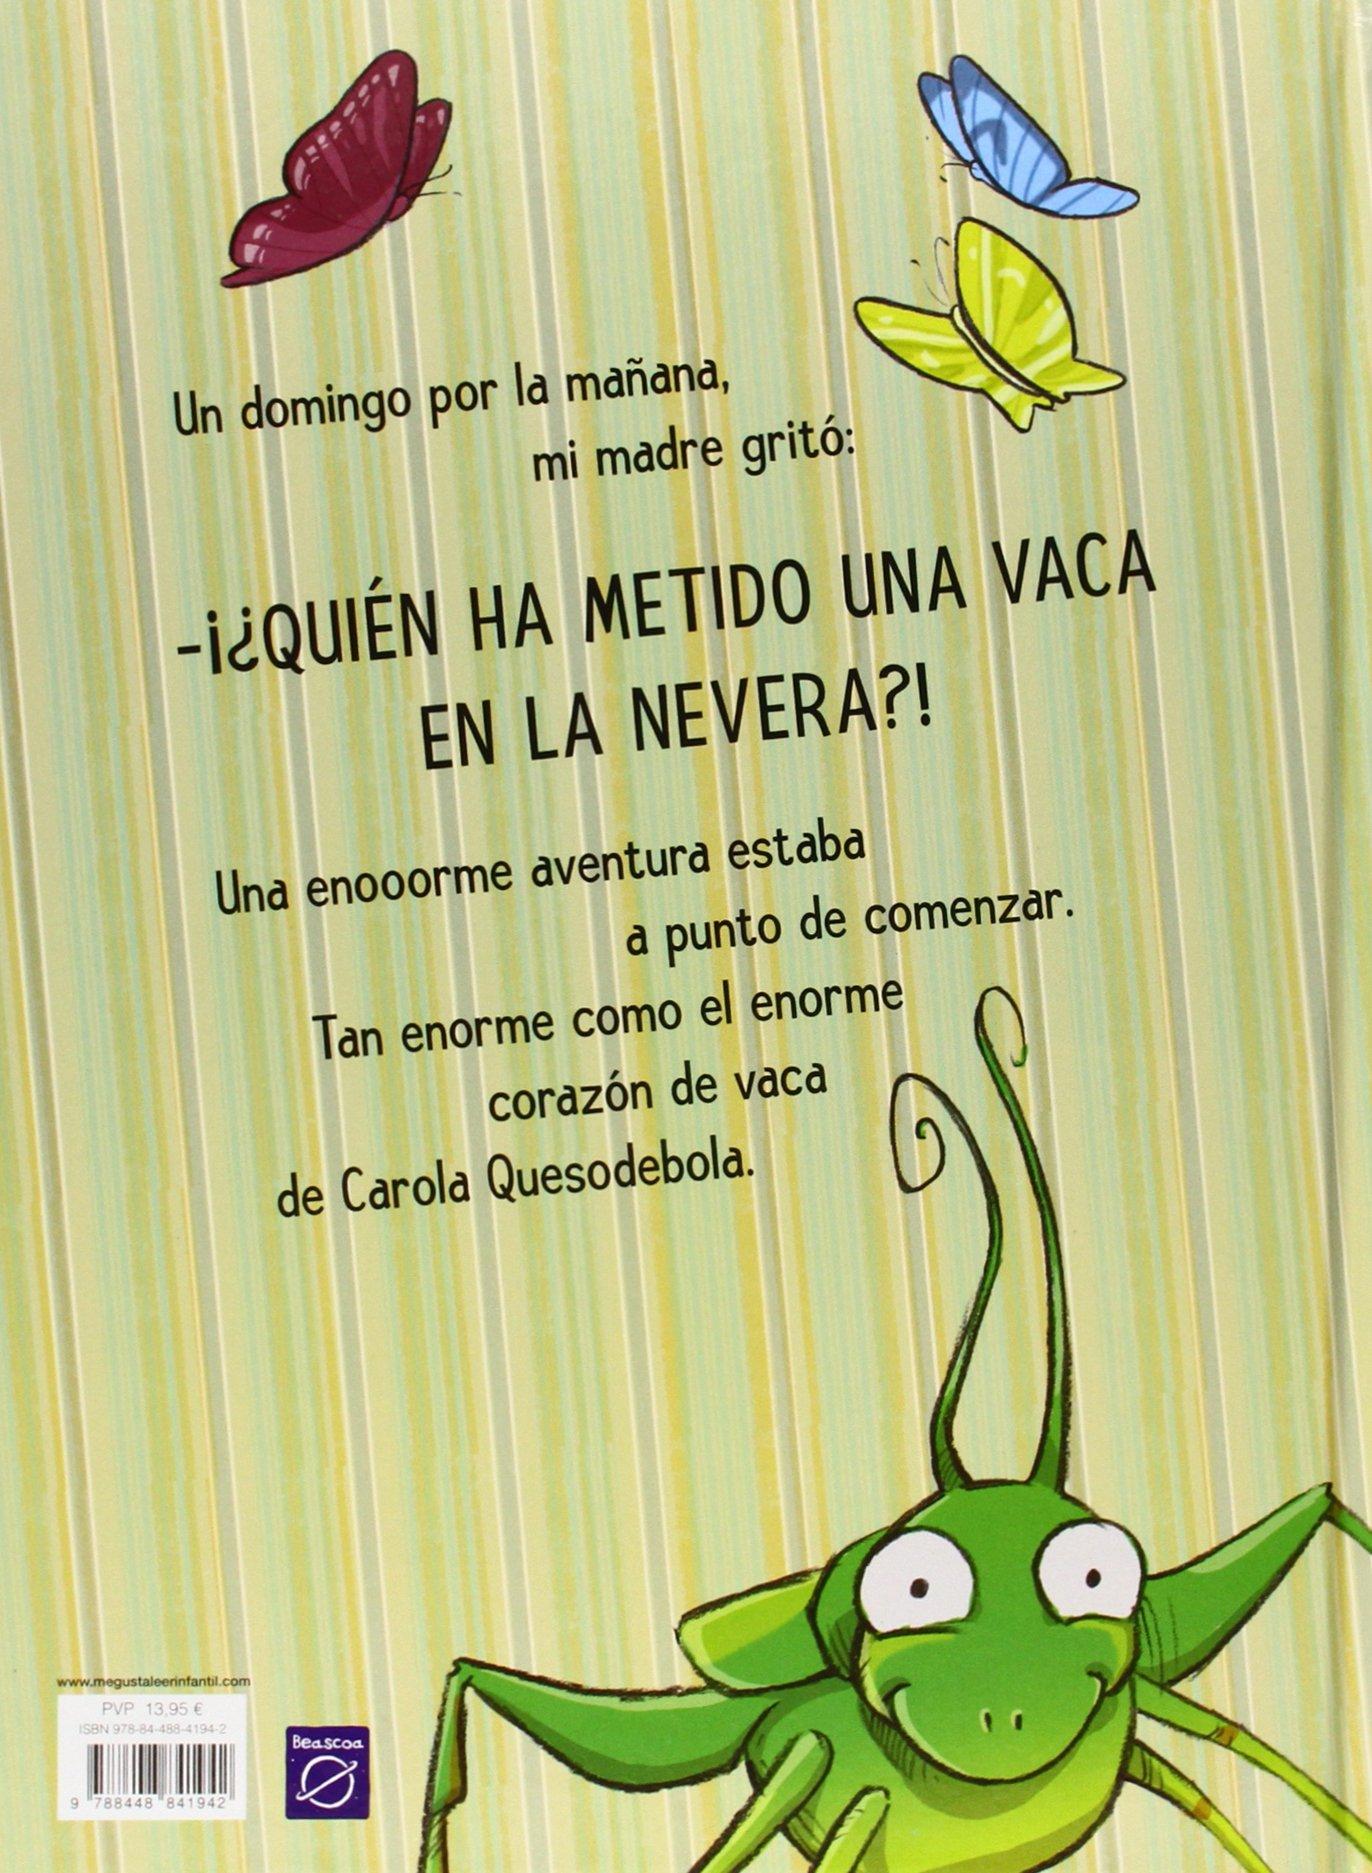 Hay una vaca en la nevera (Cuentos infantiles): Amazon.es: Amaia ...